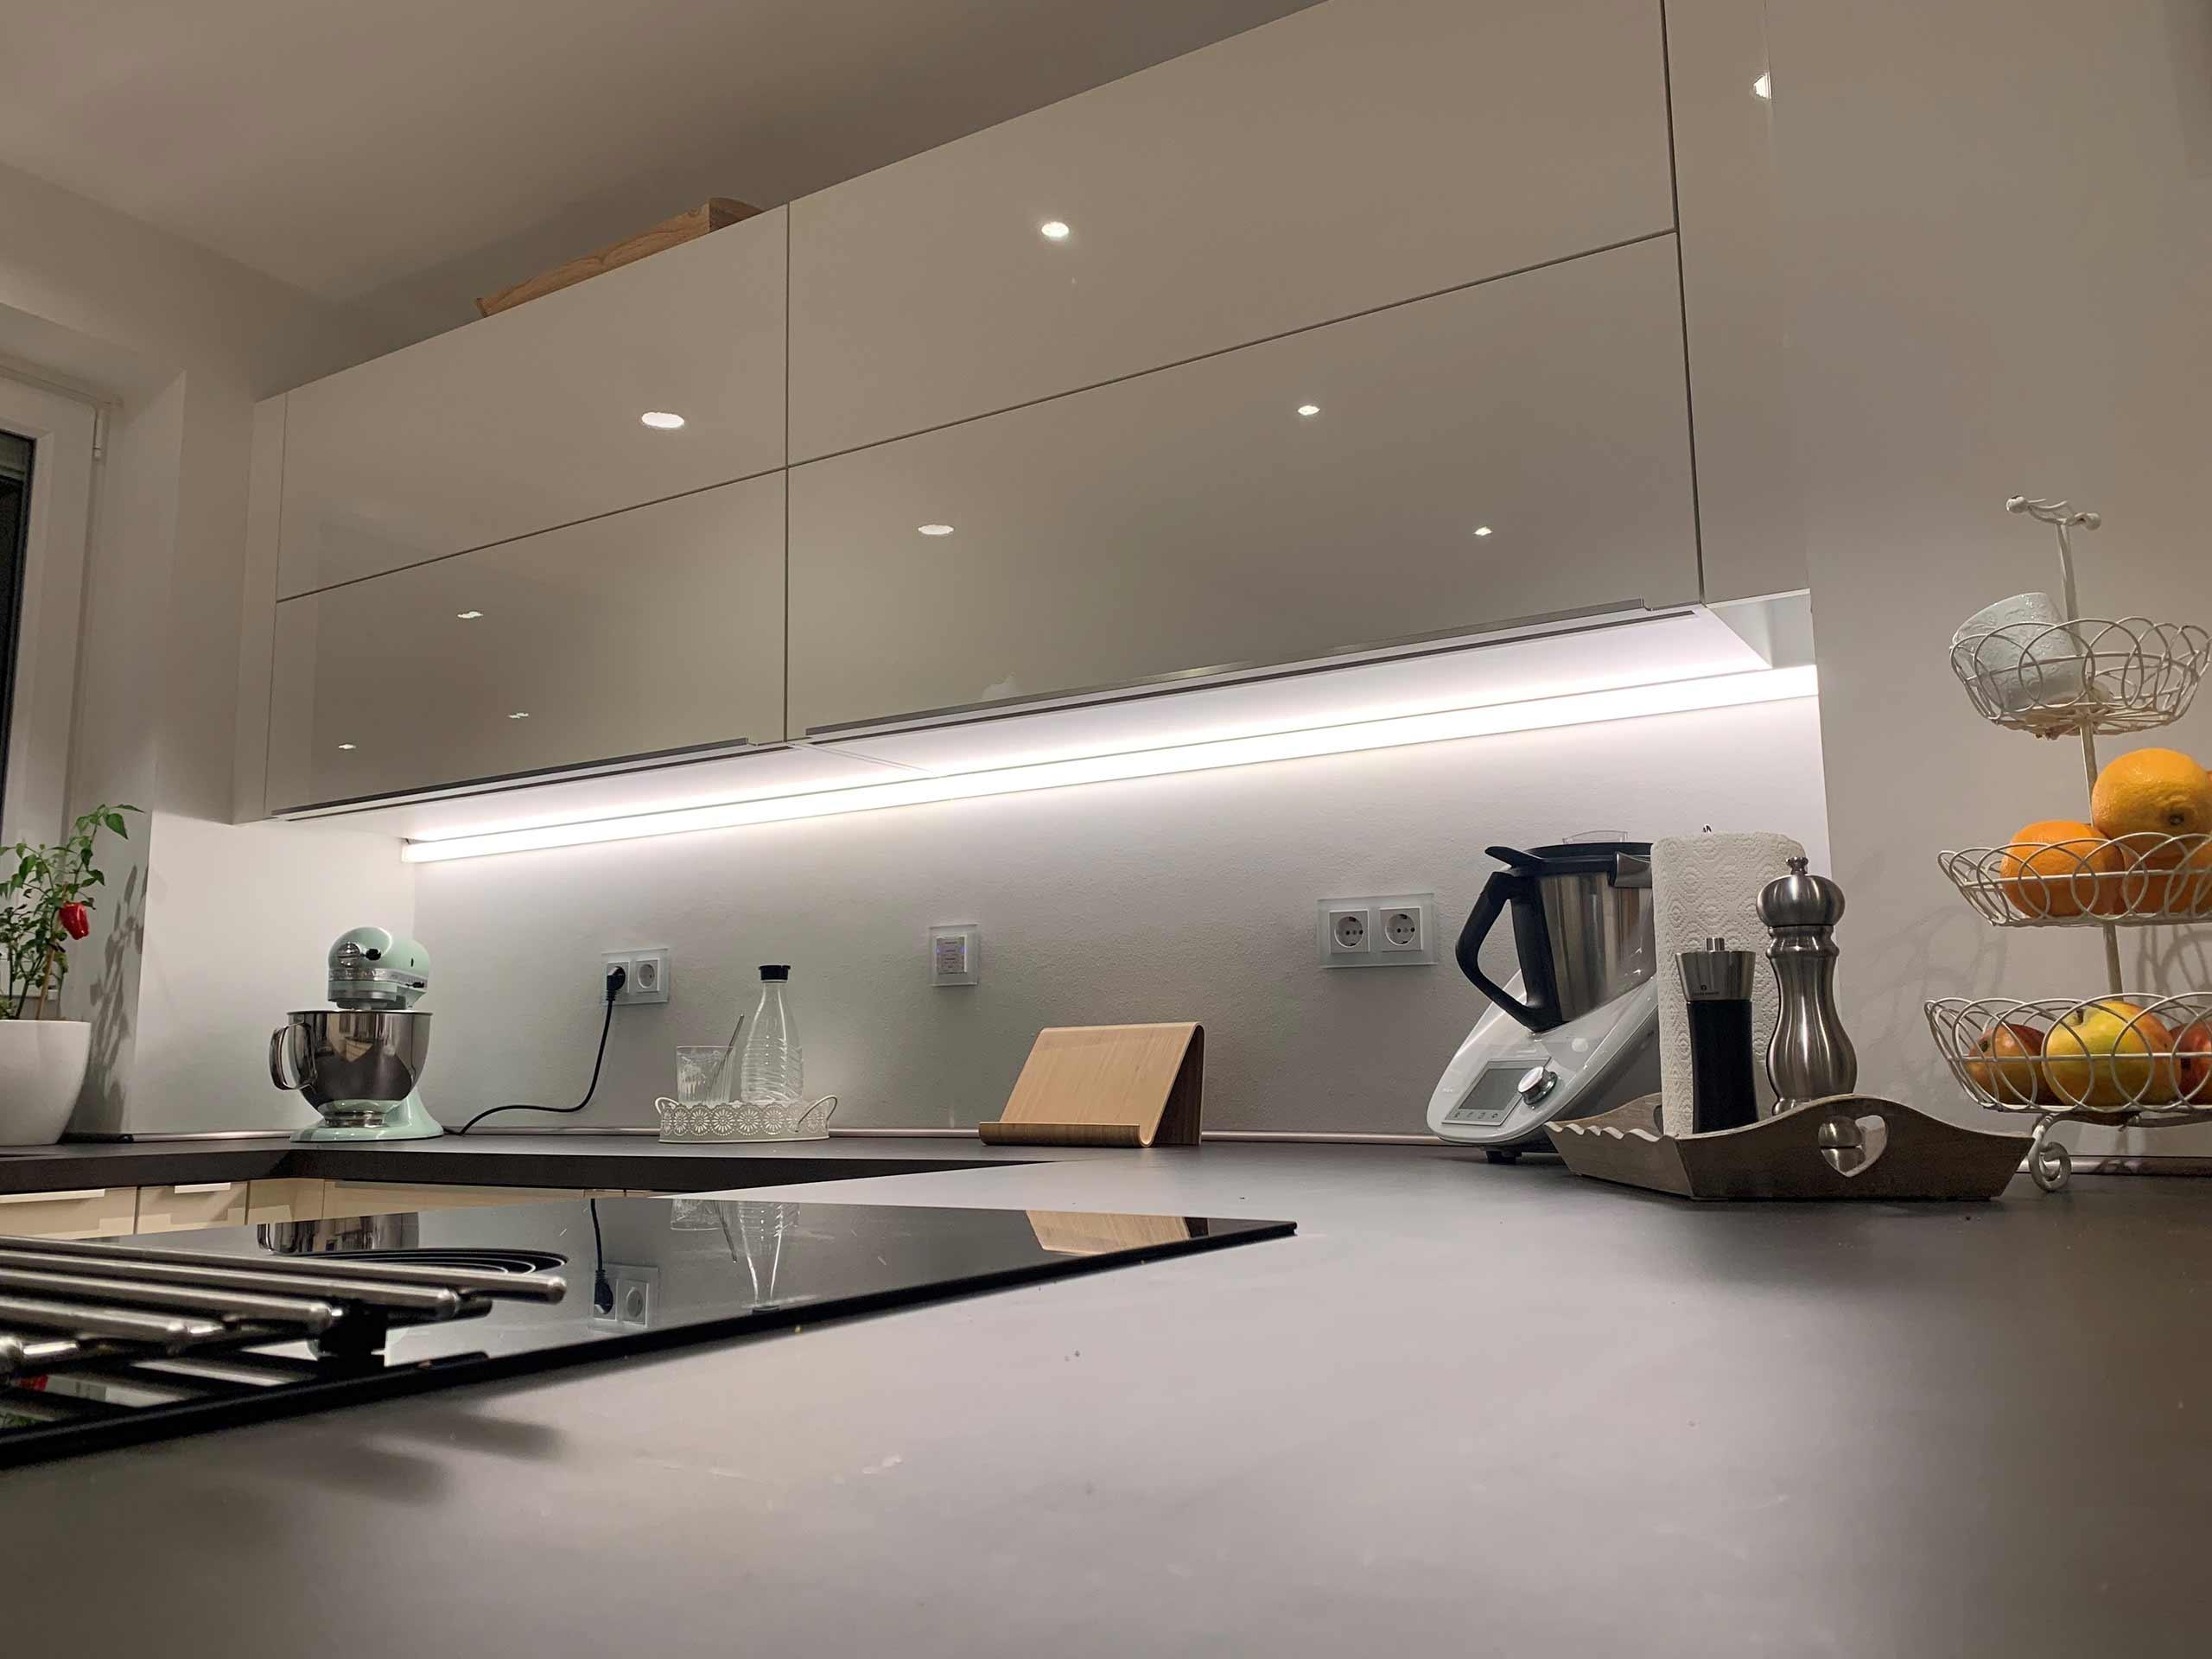 Die LED-Arbeitsflächenbeleuchtung in einer modernen Küche.